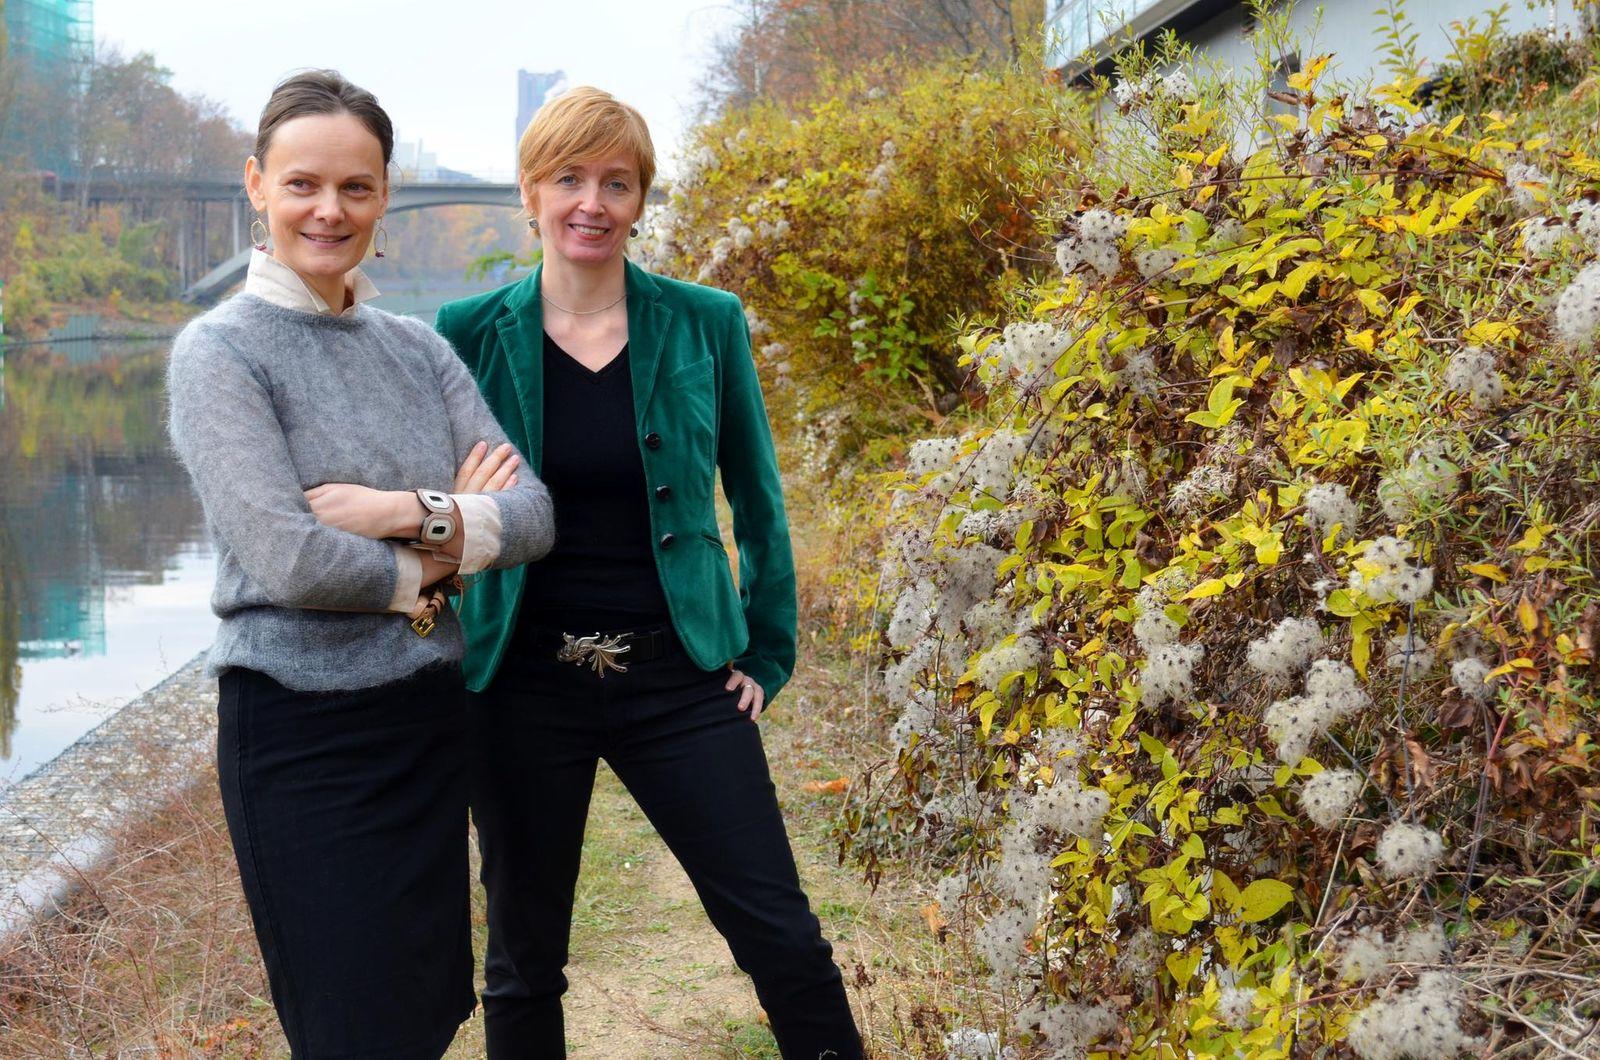 Inka-und-Sabine-Credits-Viktoriya-Lolap